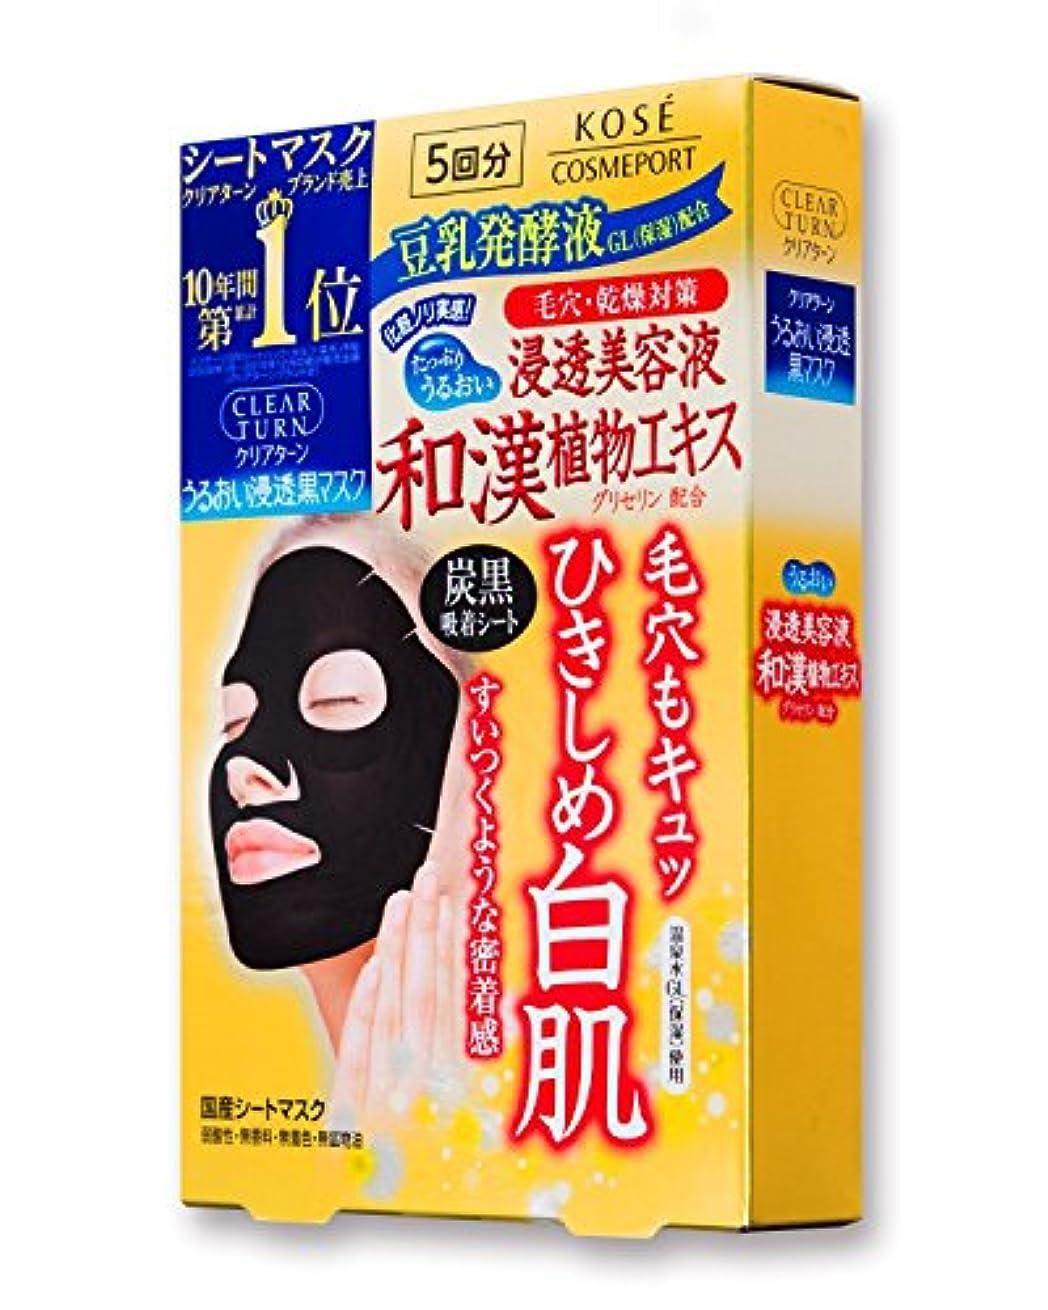 とまり木請願者予約KOSE コーセー クリアターン 黒マスク × 5個